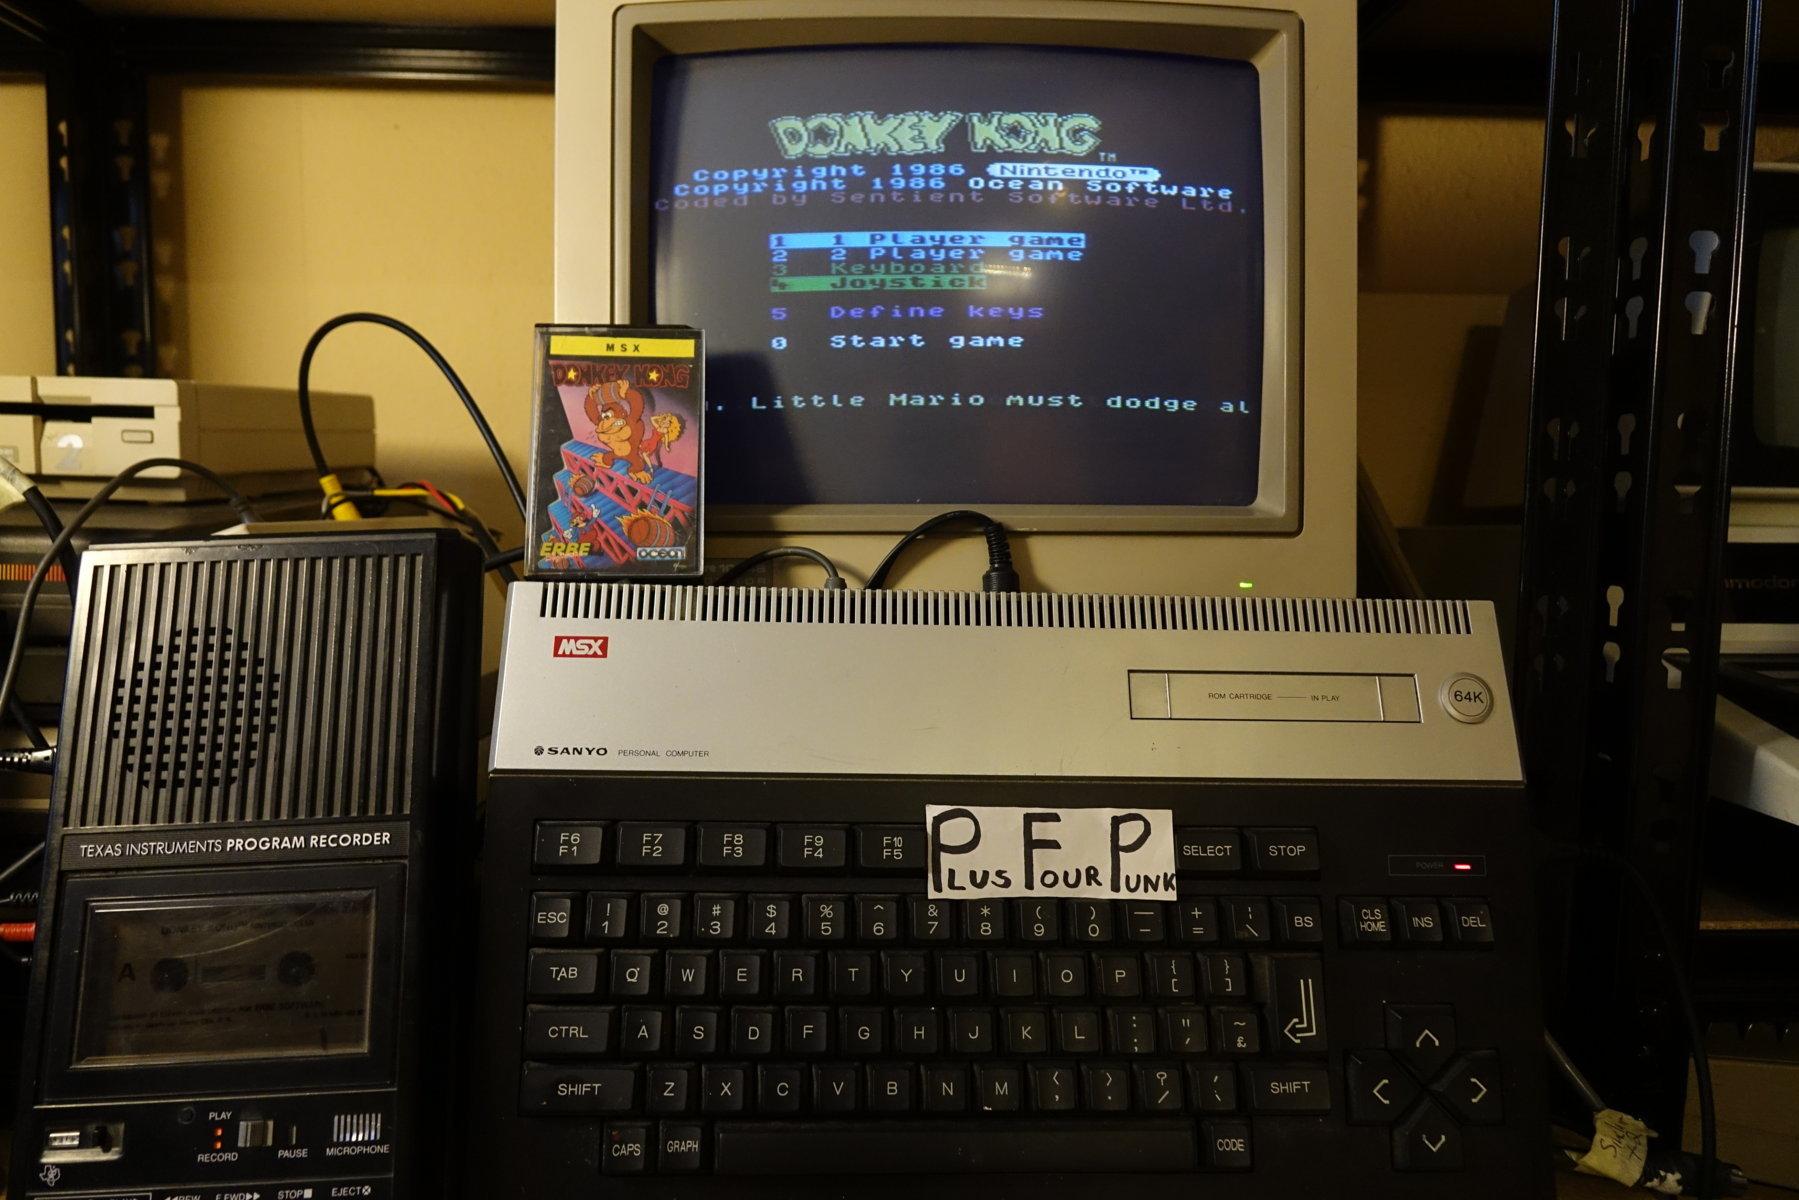 Donkey Kong 9,500 points